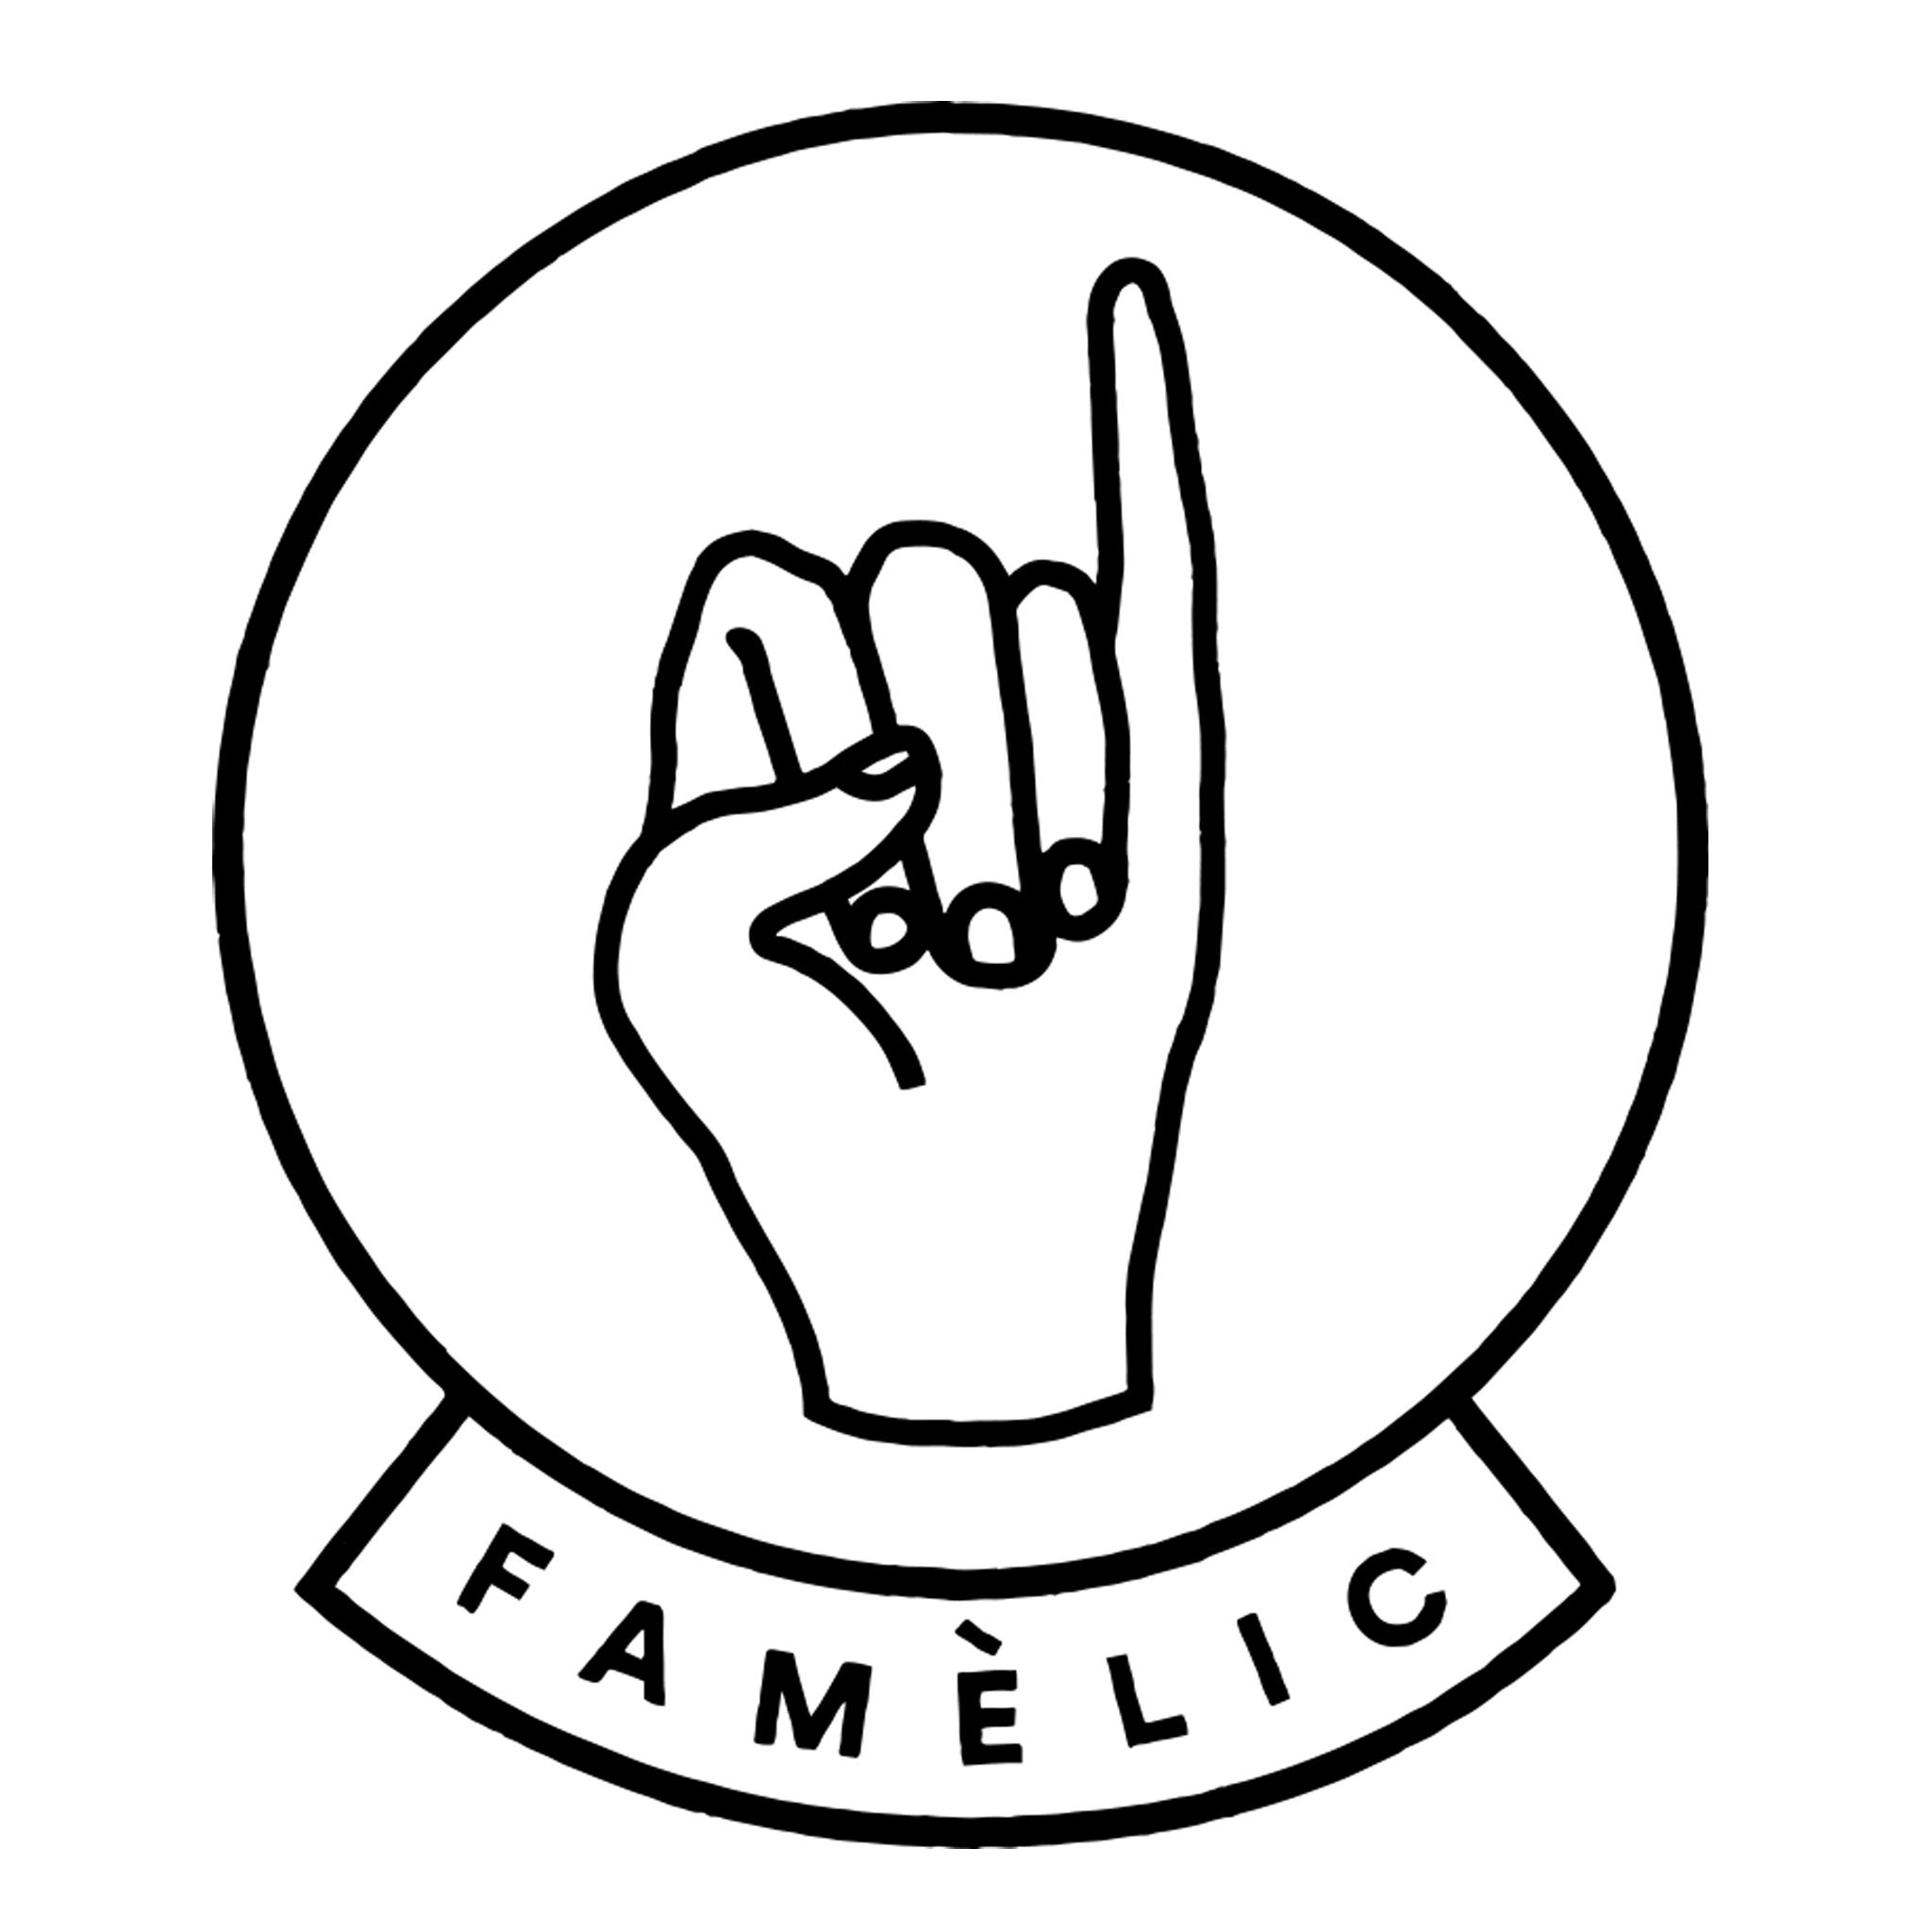 FAMELIC.jpg